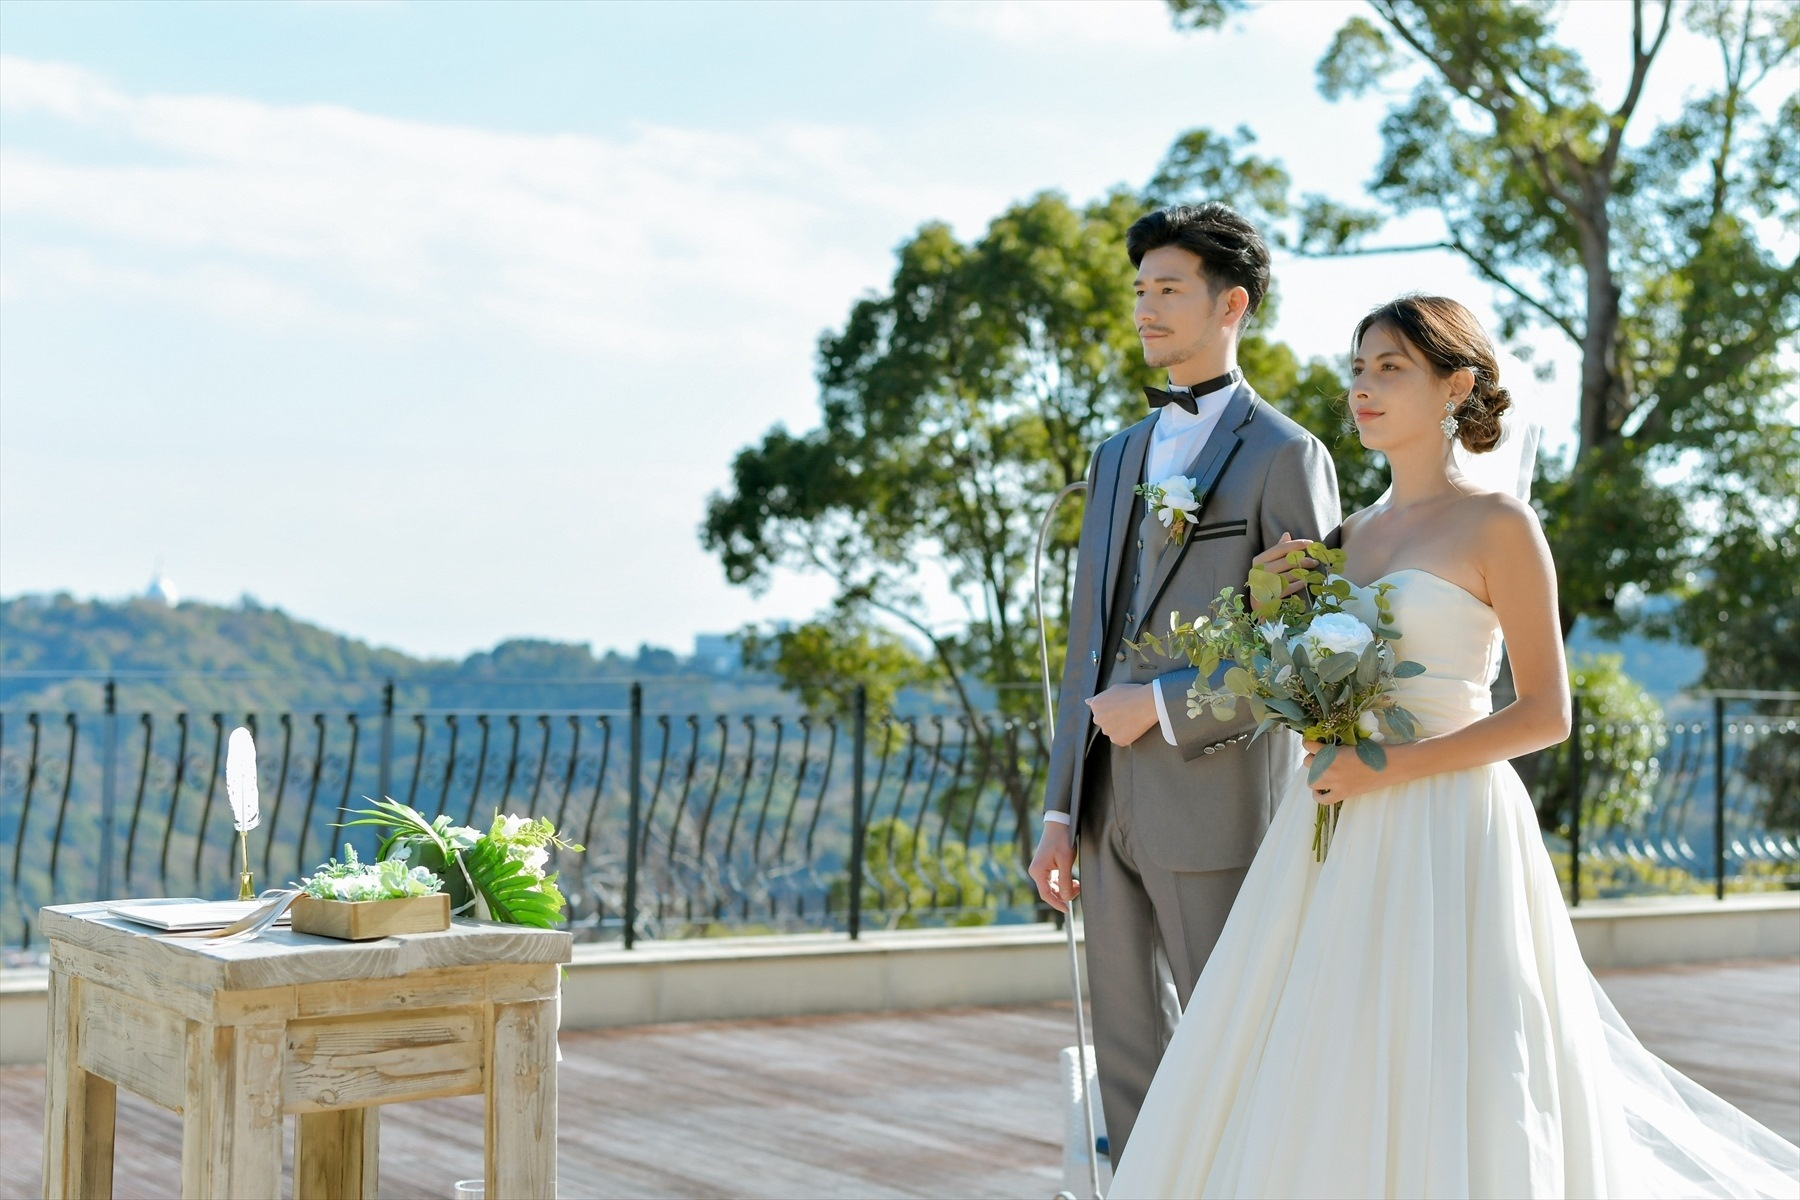 東静岡結婚式場 熱海挙式 邸宅ウェディング